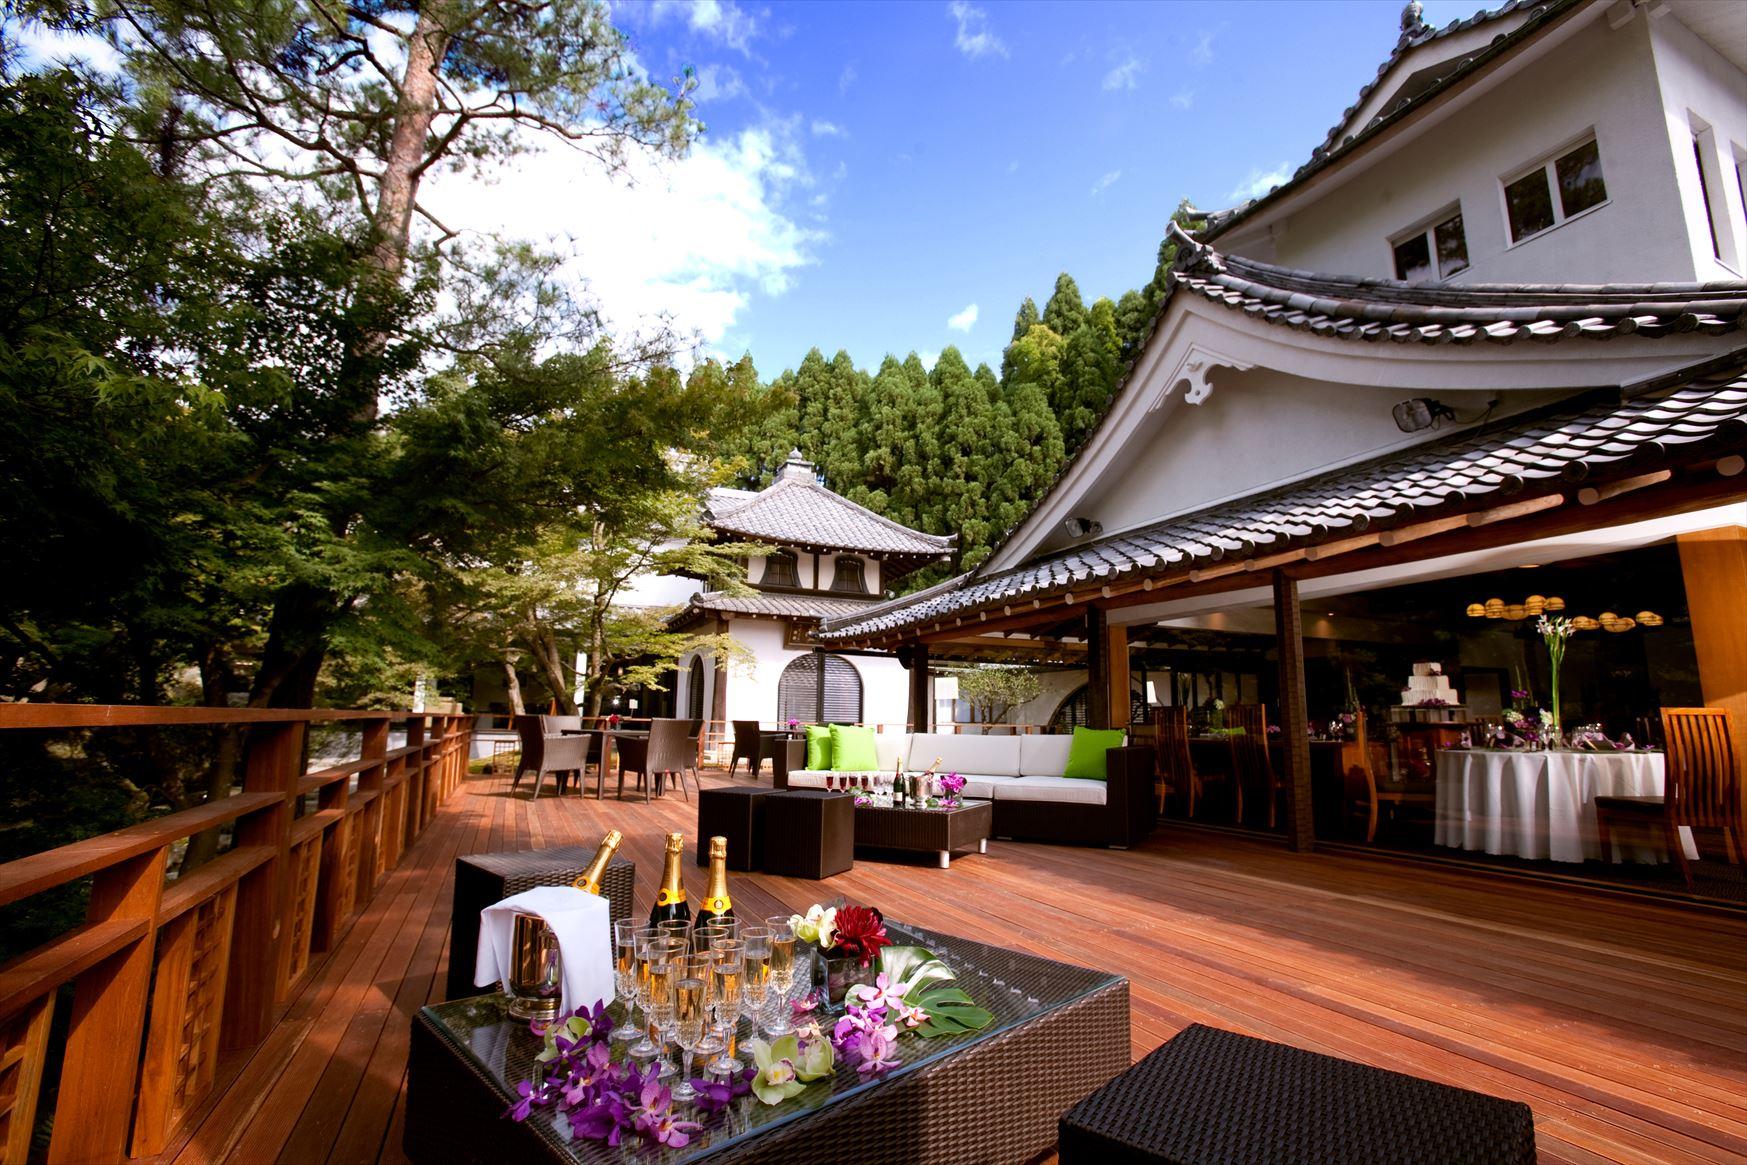 しょうざんリゾート京都  紫水苑